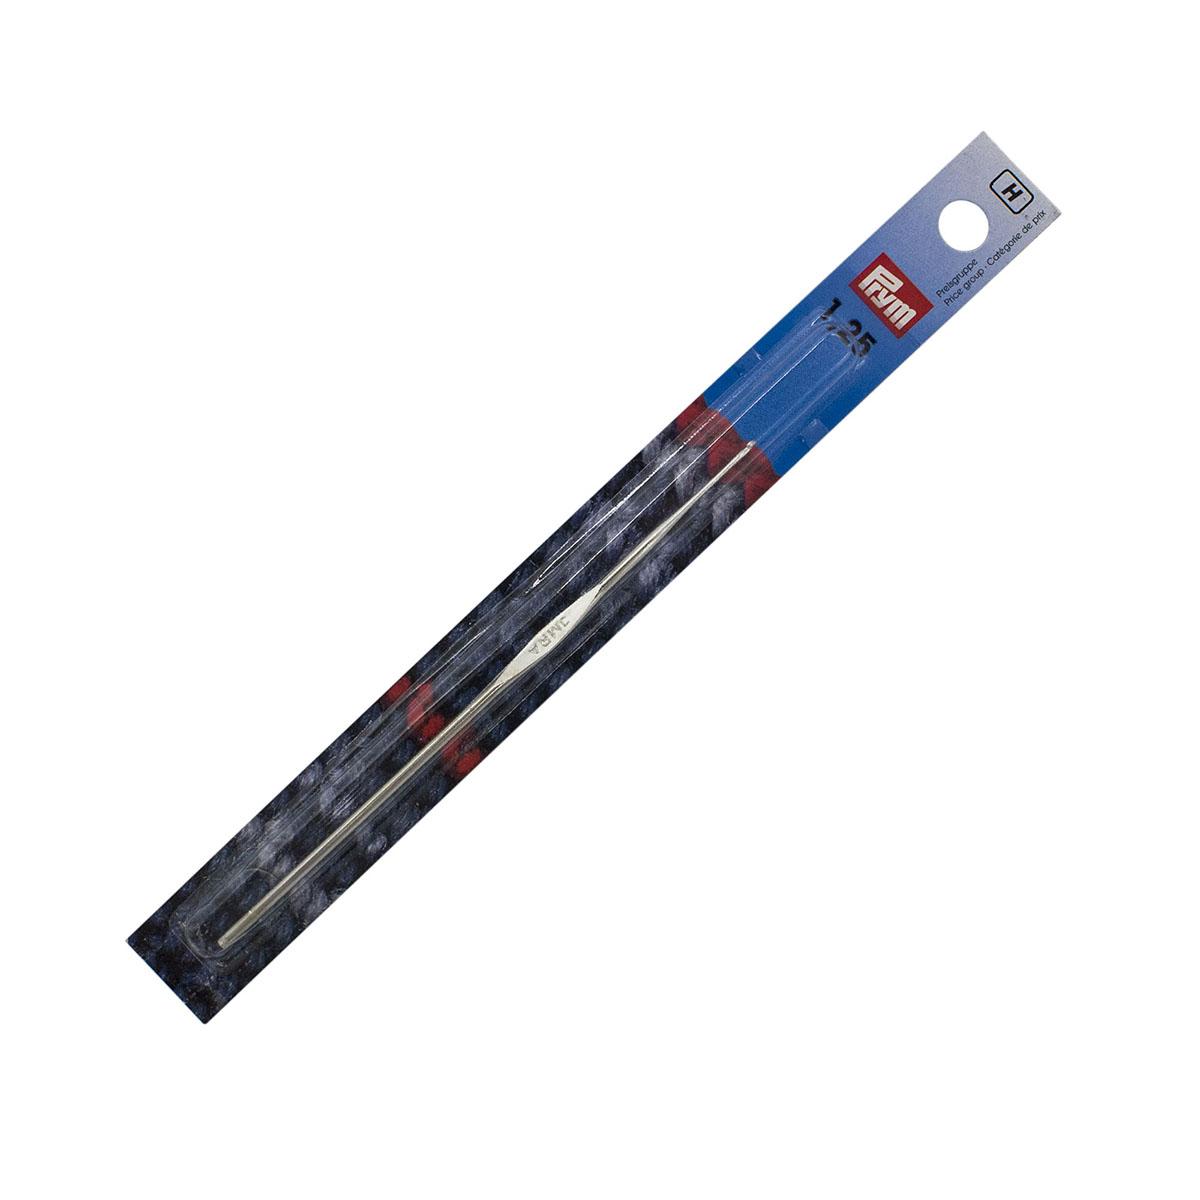 175845 Крючок IMRA для тонкой пряжи без ручки, сталь, с направляющей площадью 1,25мм Prym